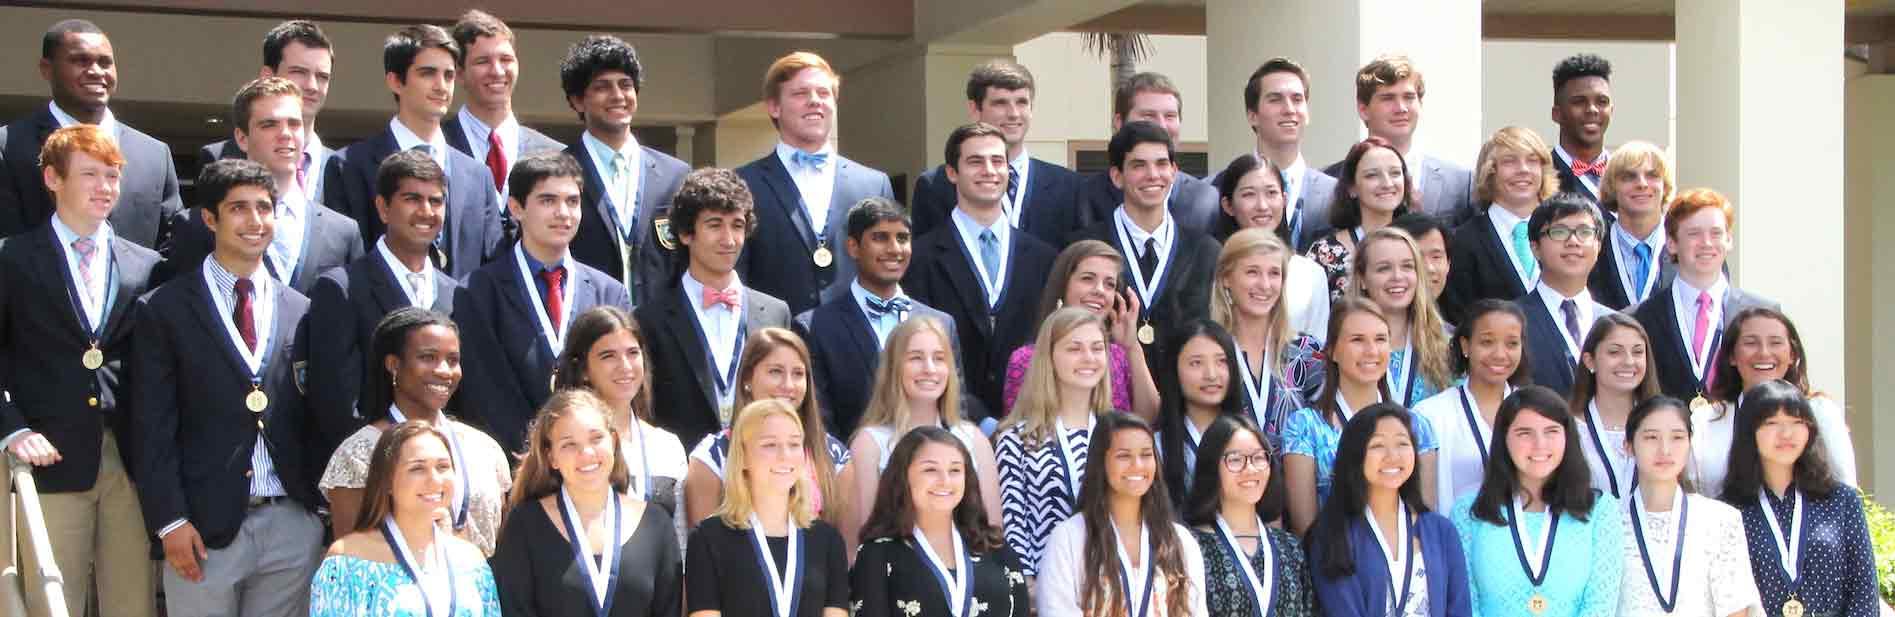 佛罗里达州某所高中的毕业合照